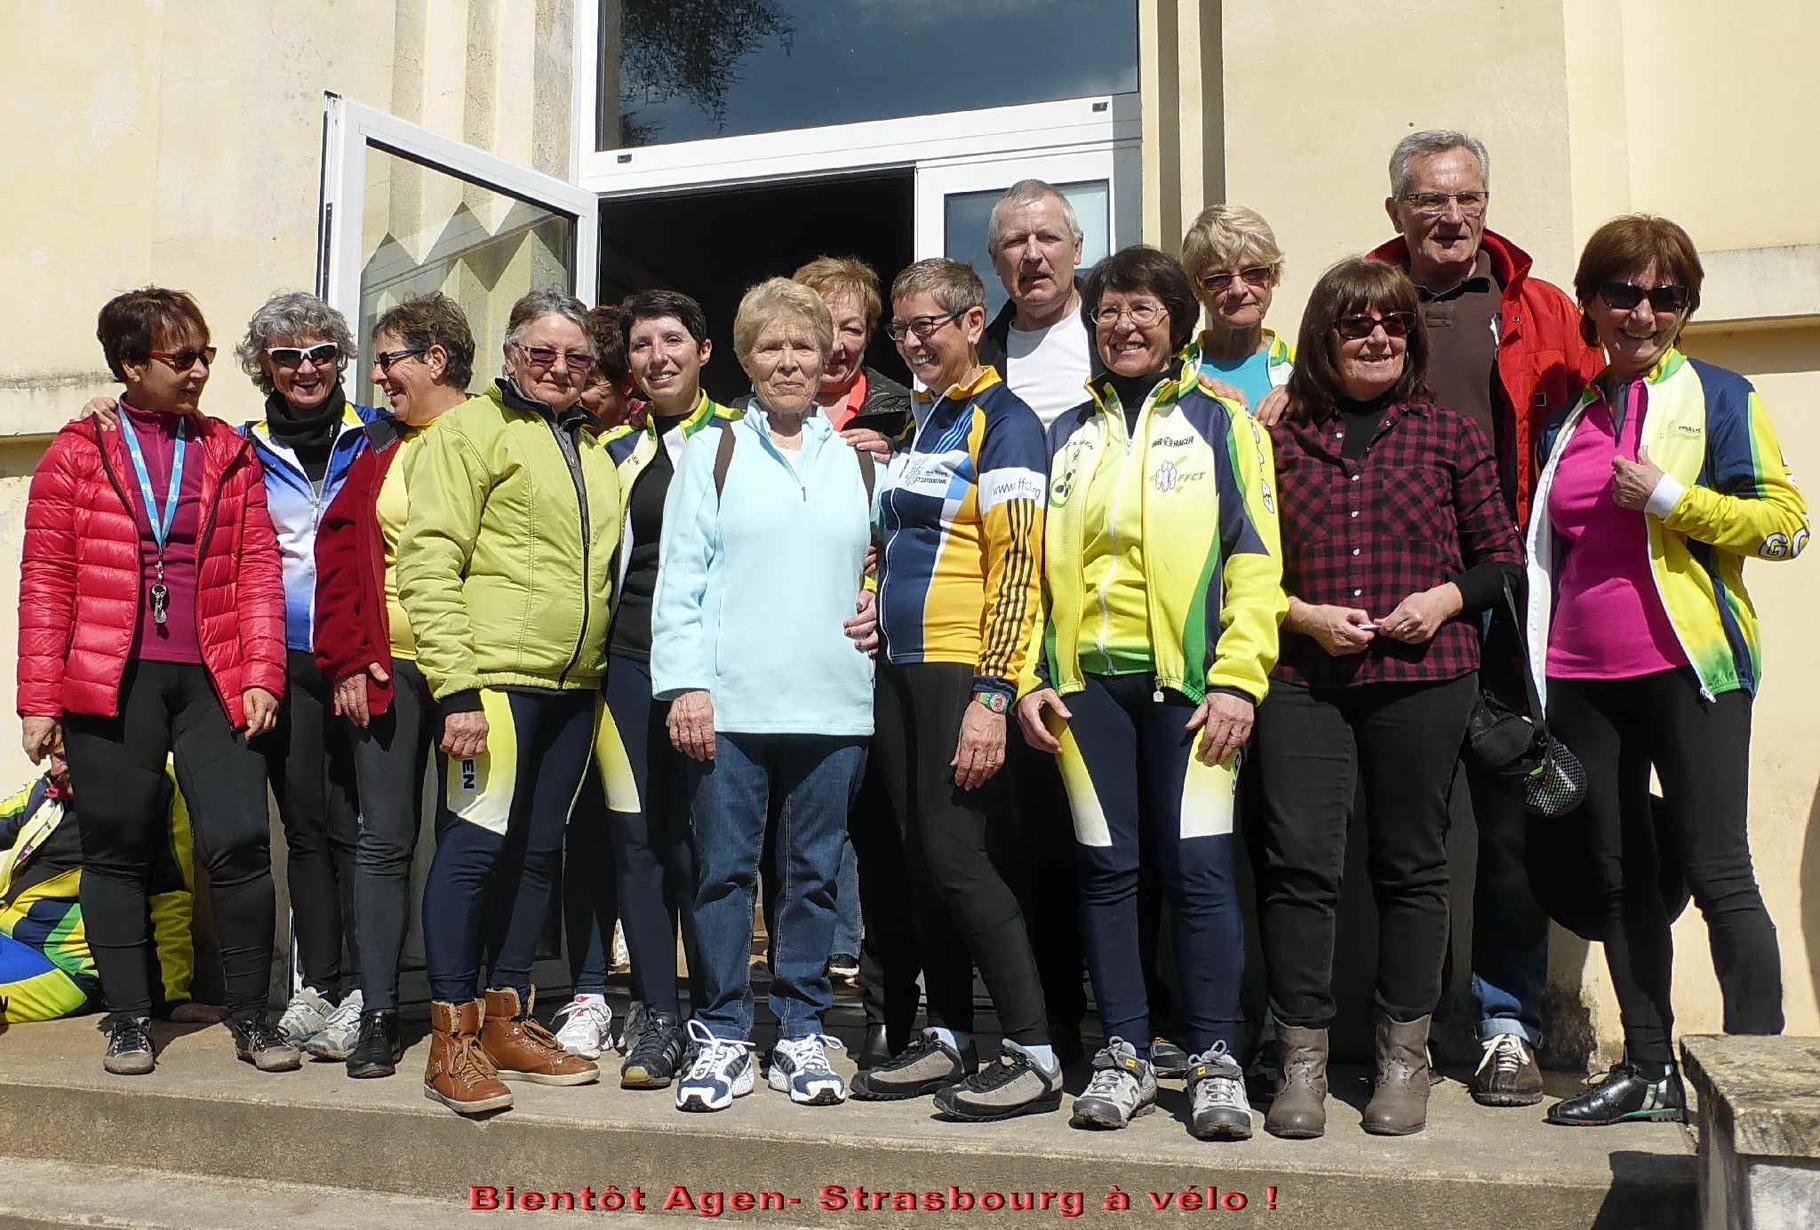 le sourire des filles et derrière elles, Daniel et Gégé accompagnateurs jusqu'à Strasbourg